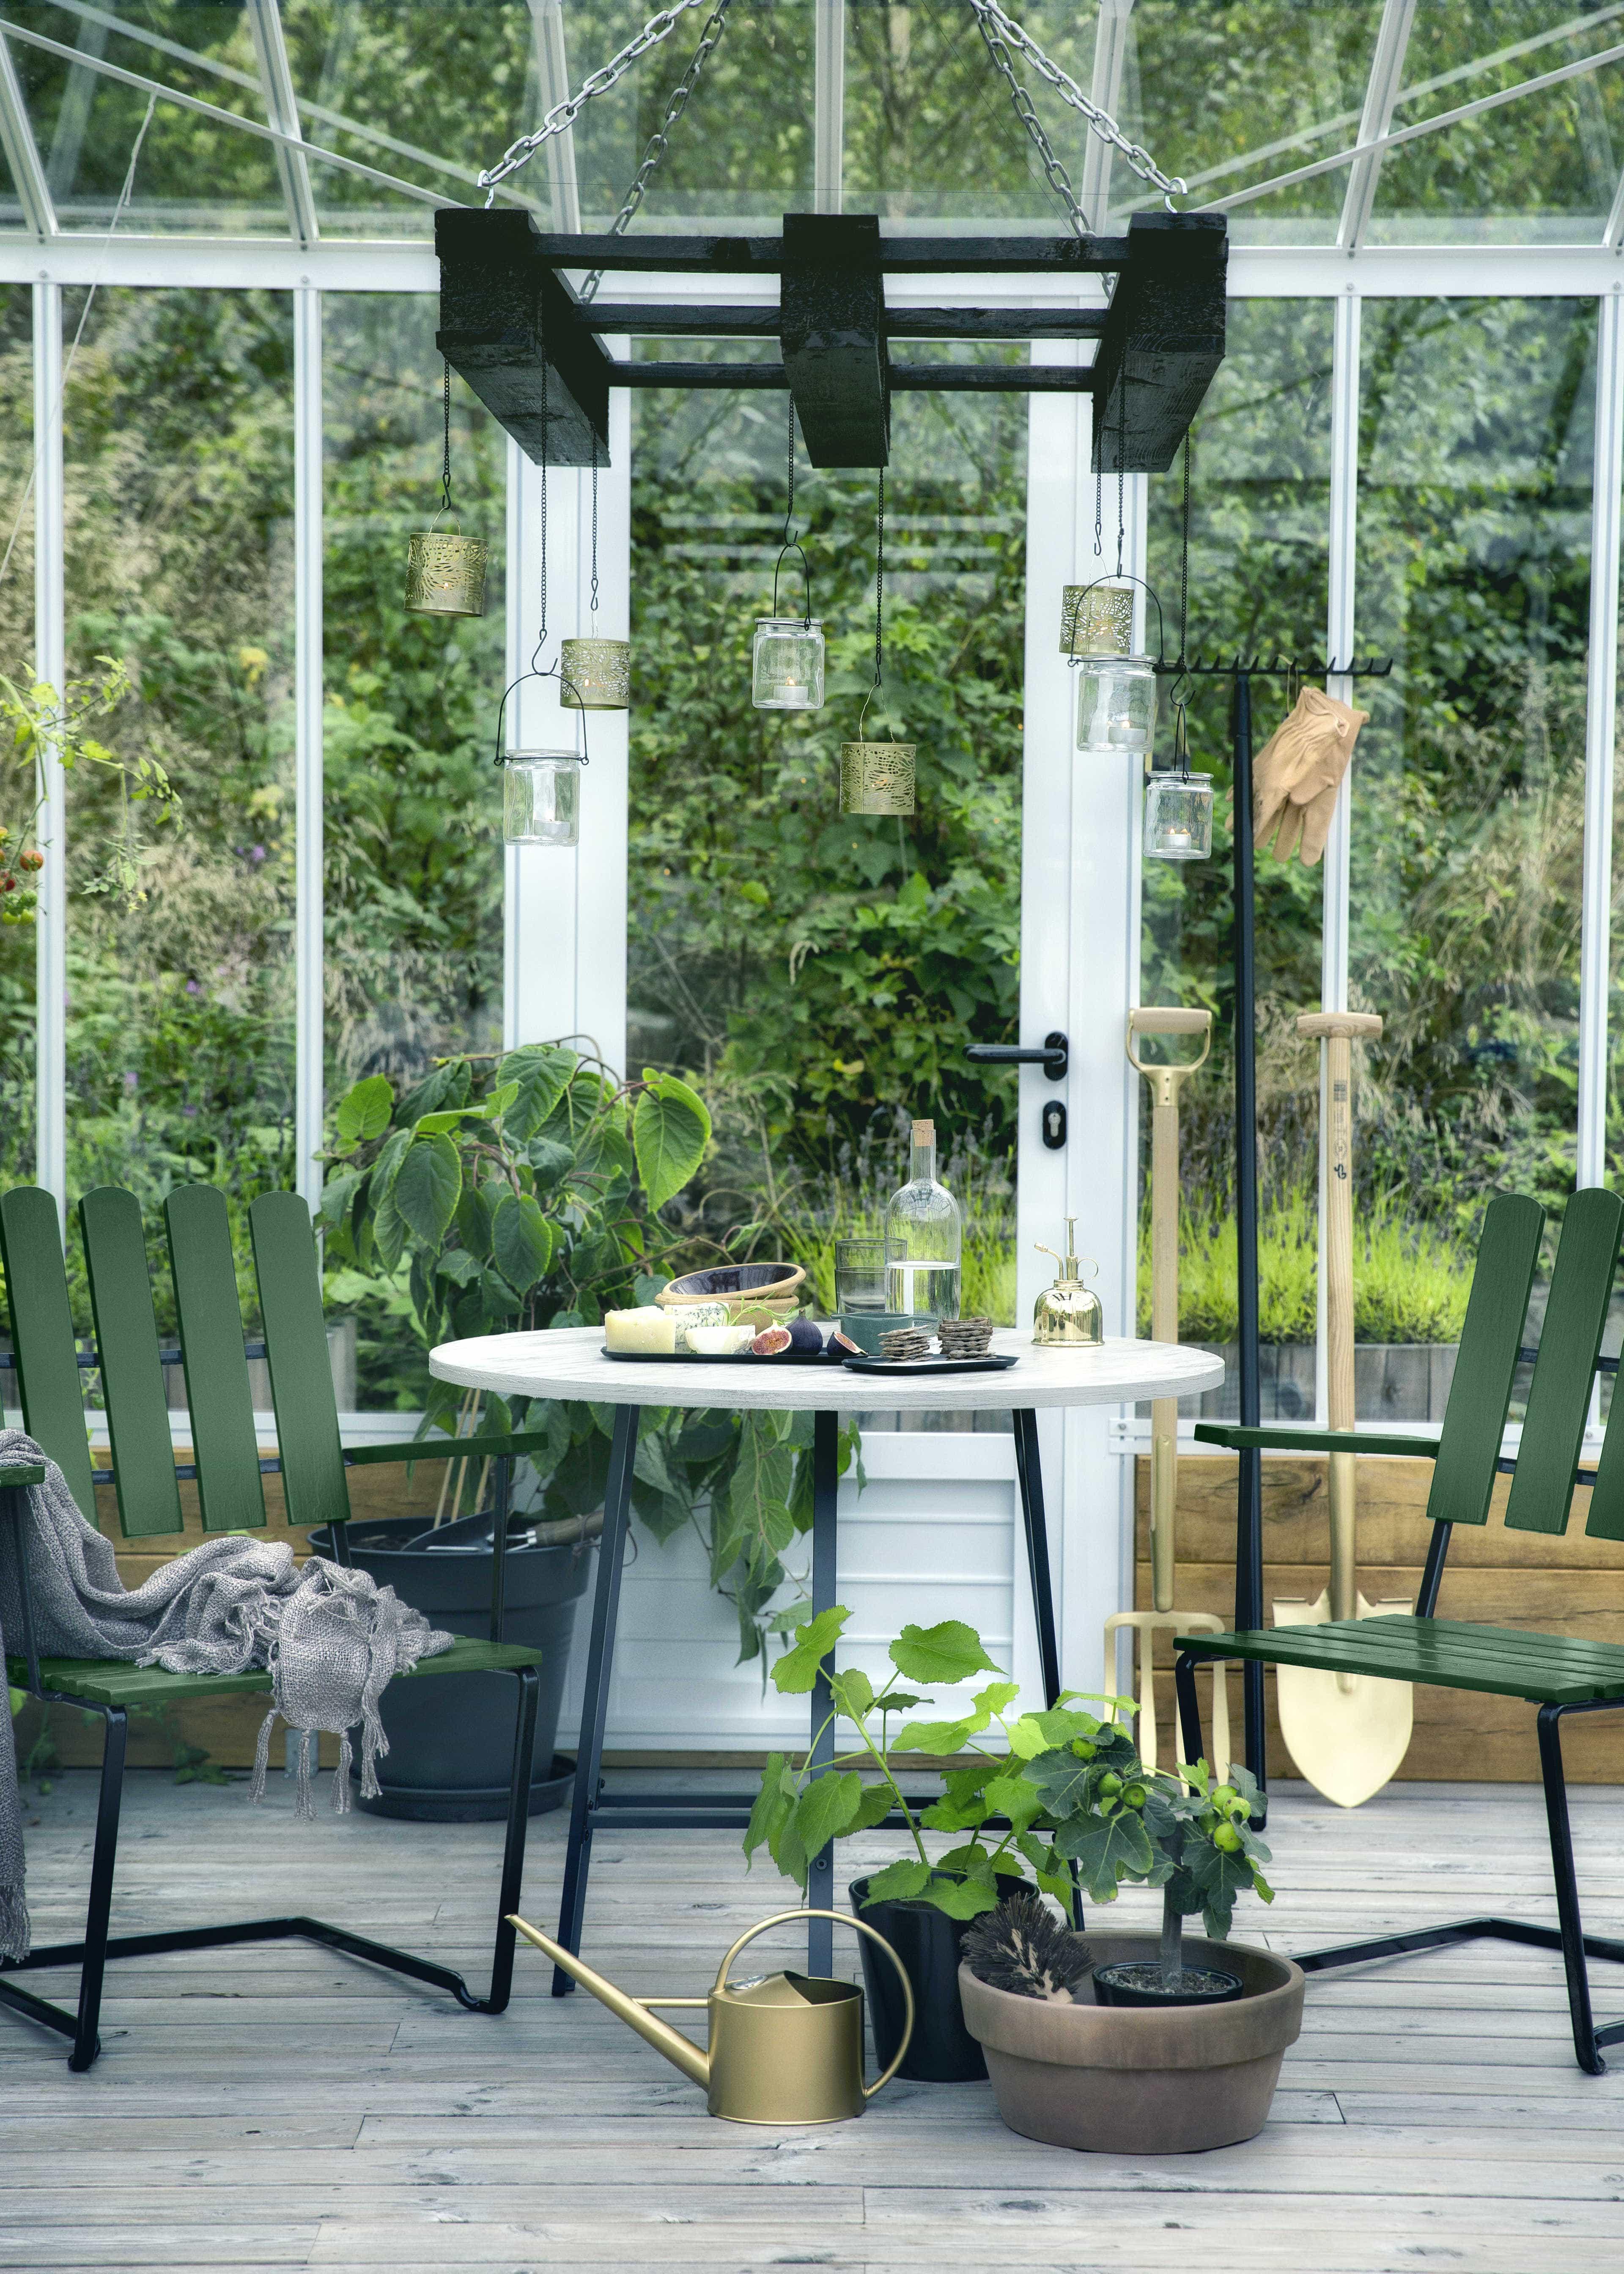 3 x DIY Bygga möbler av lastpallar till uteplatsen Gör det själv DIY, Hemmafix, I